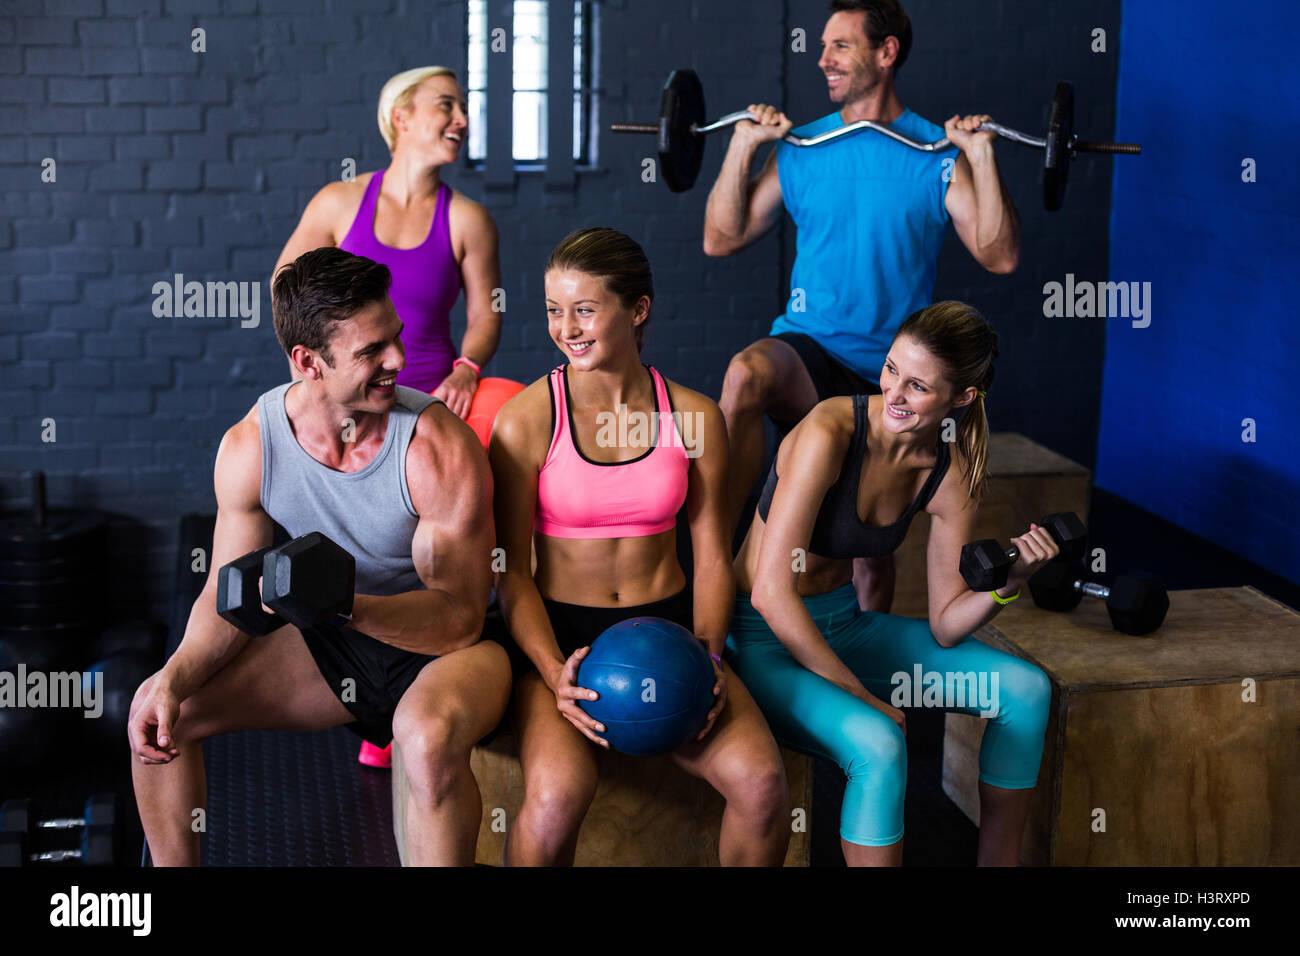 Les athlètes heureux avec appareils d'exercice Photo Stock